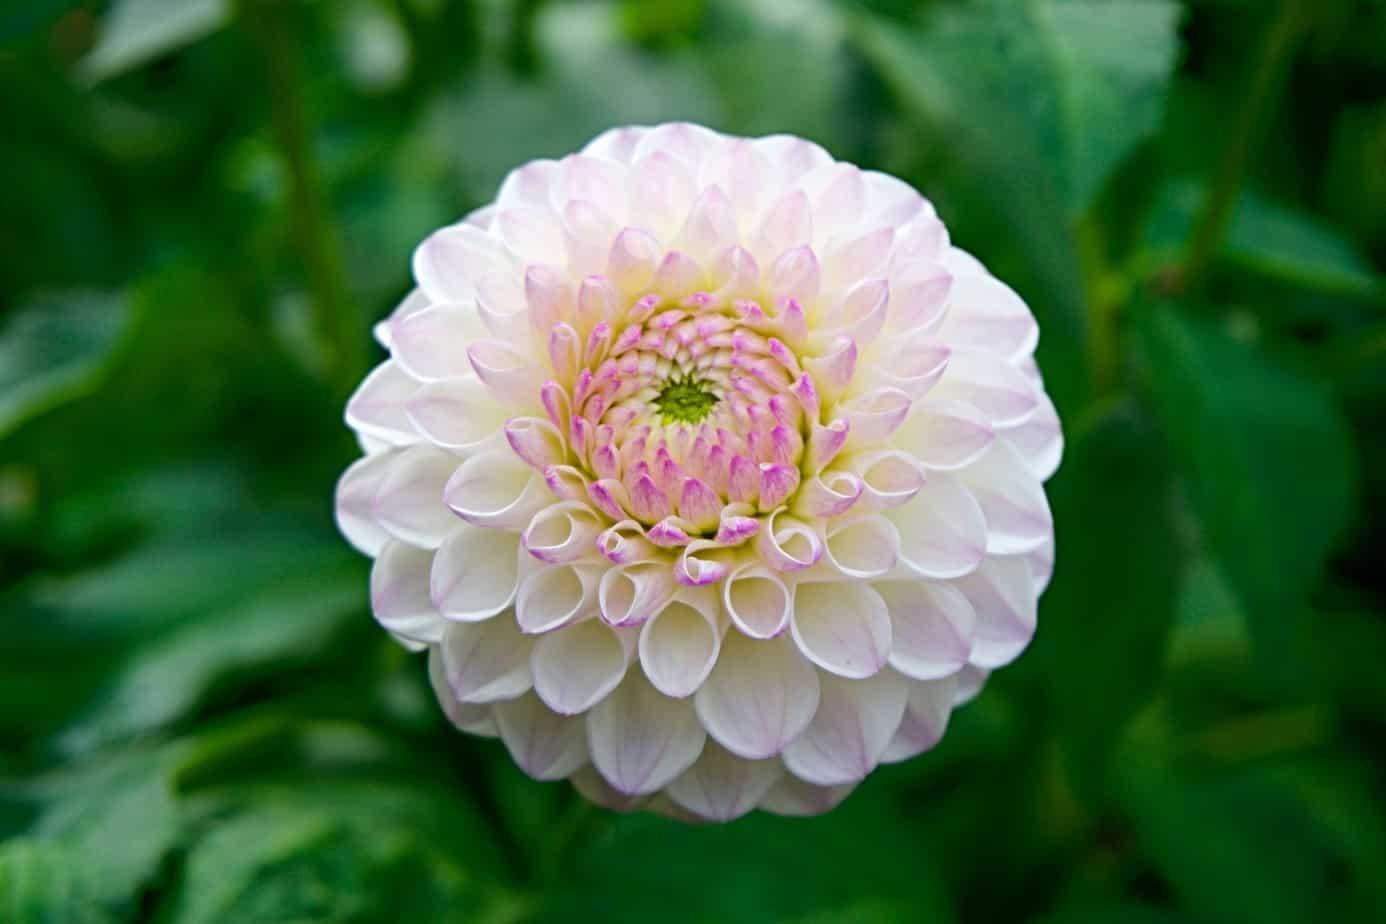 garden flower closeup close up